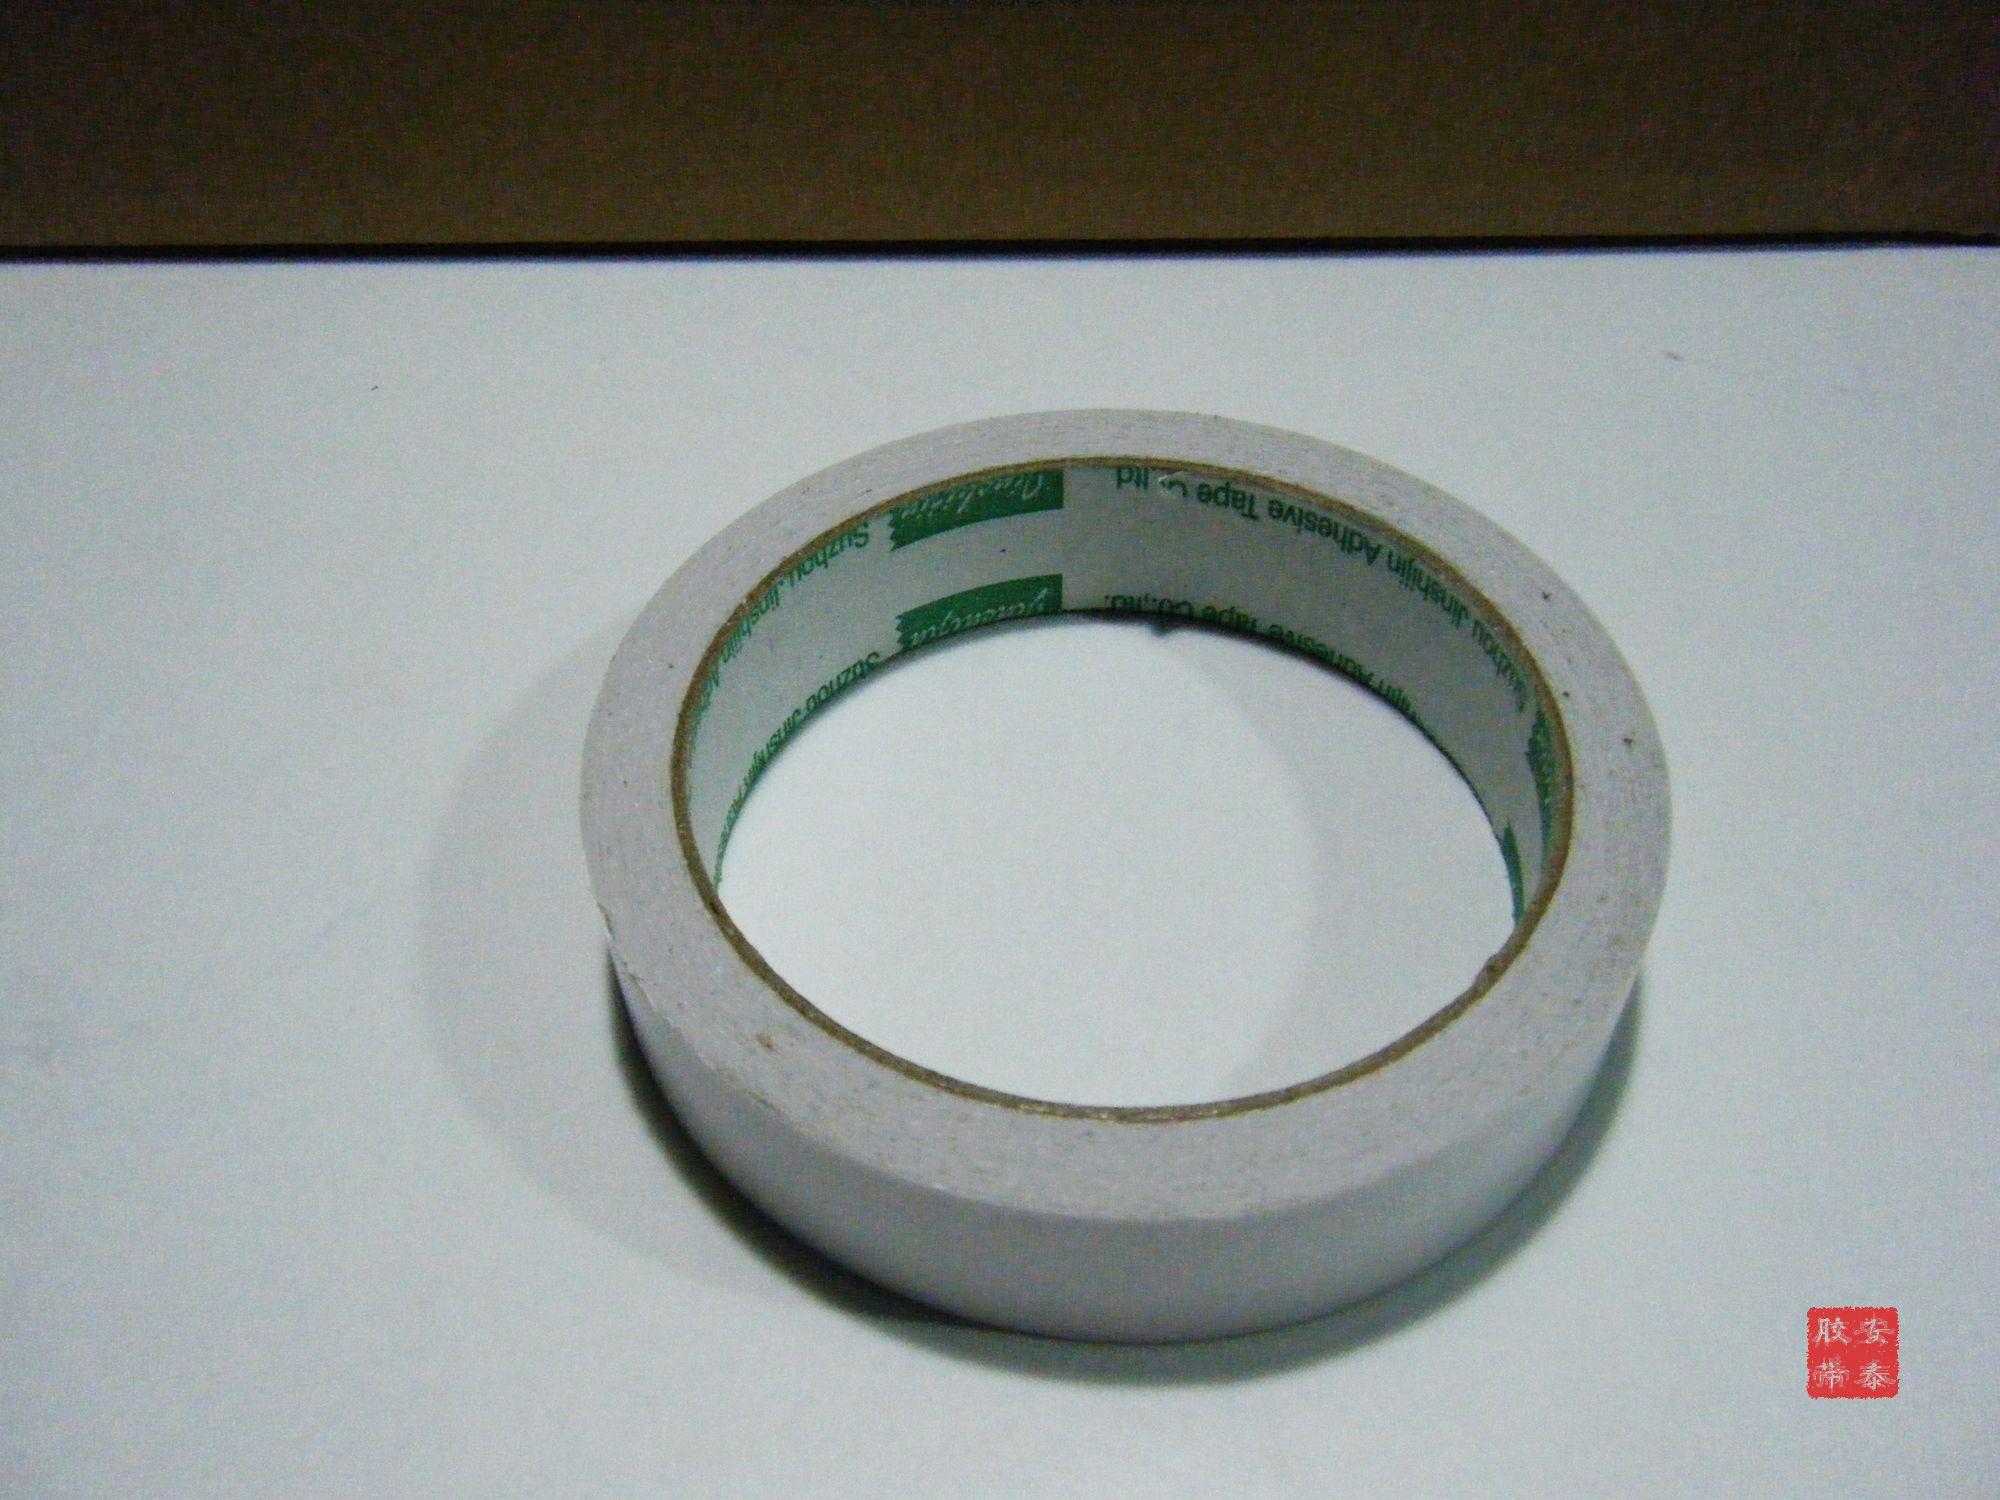 dobbelt side tape, varm smelte klæbemiddel dobbeitsidet bånd bånd bredde er 2 cm lang, 15 meter